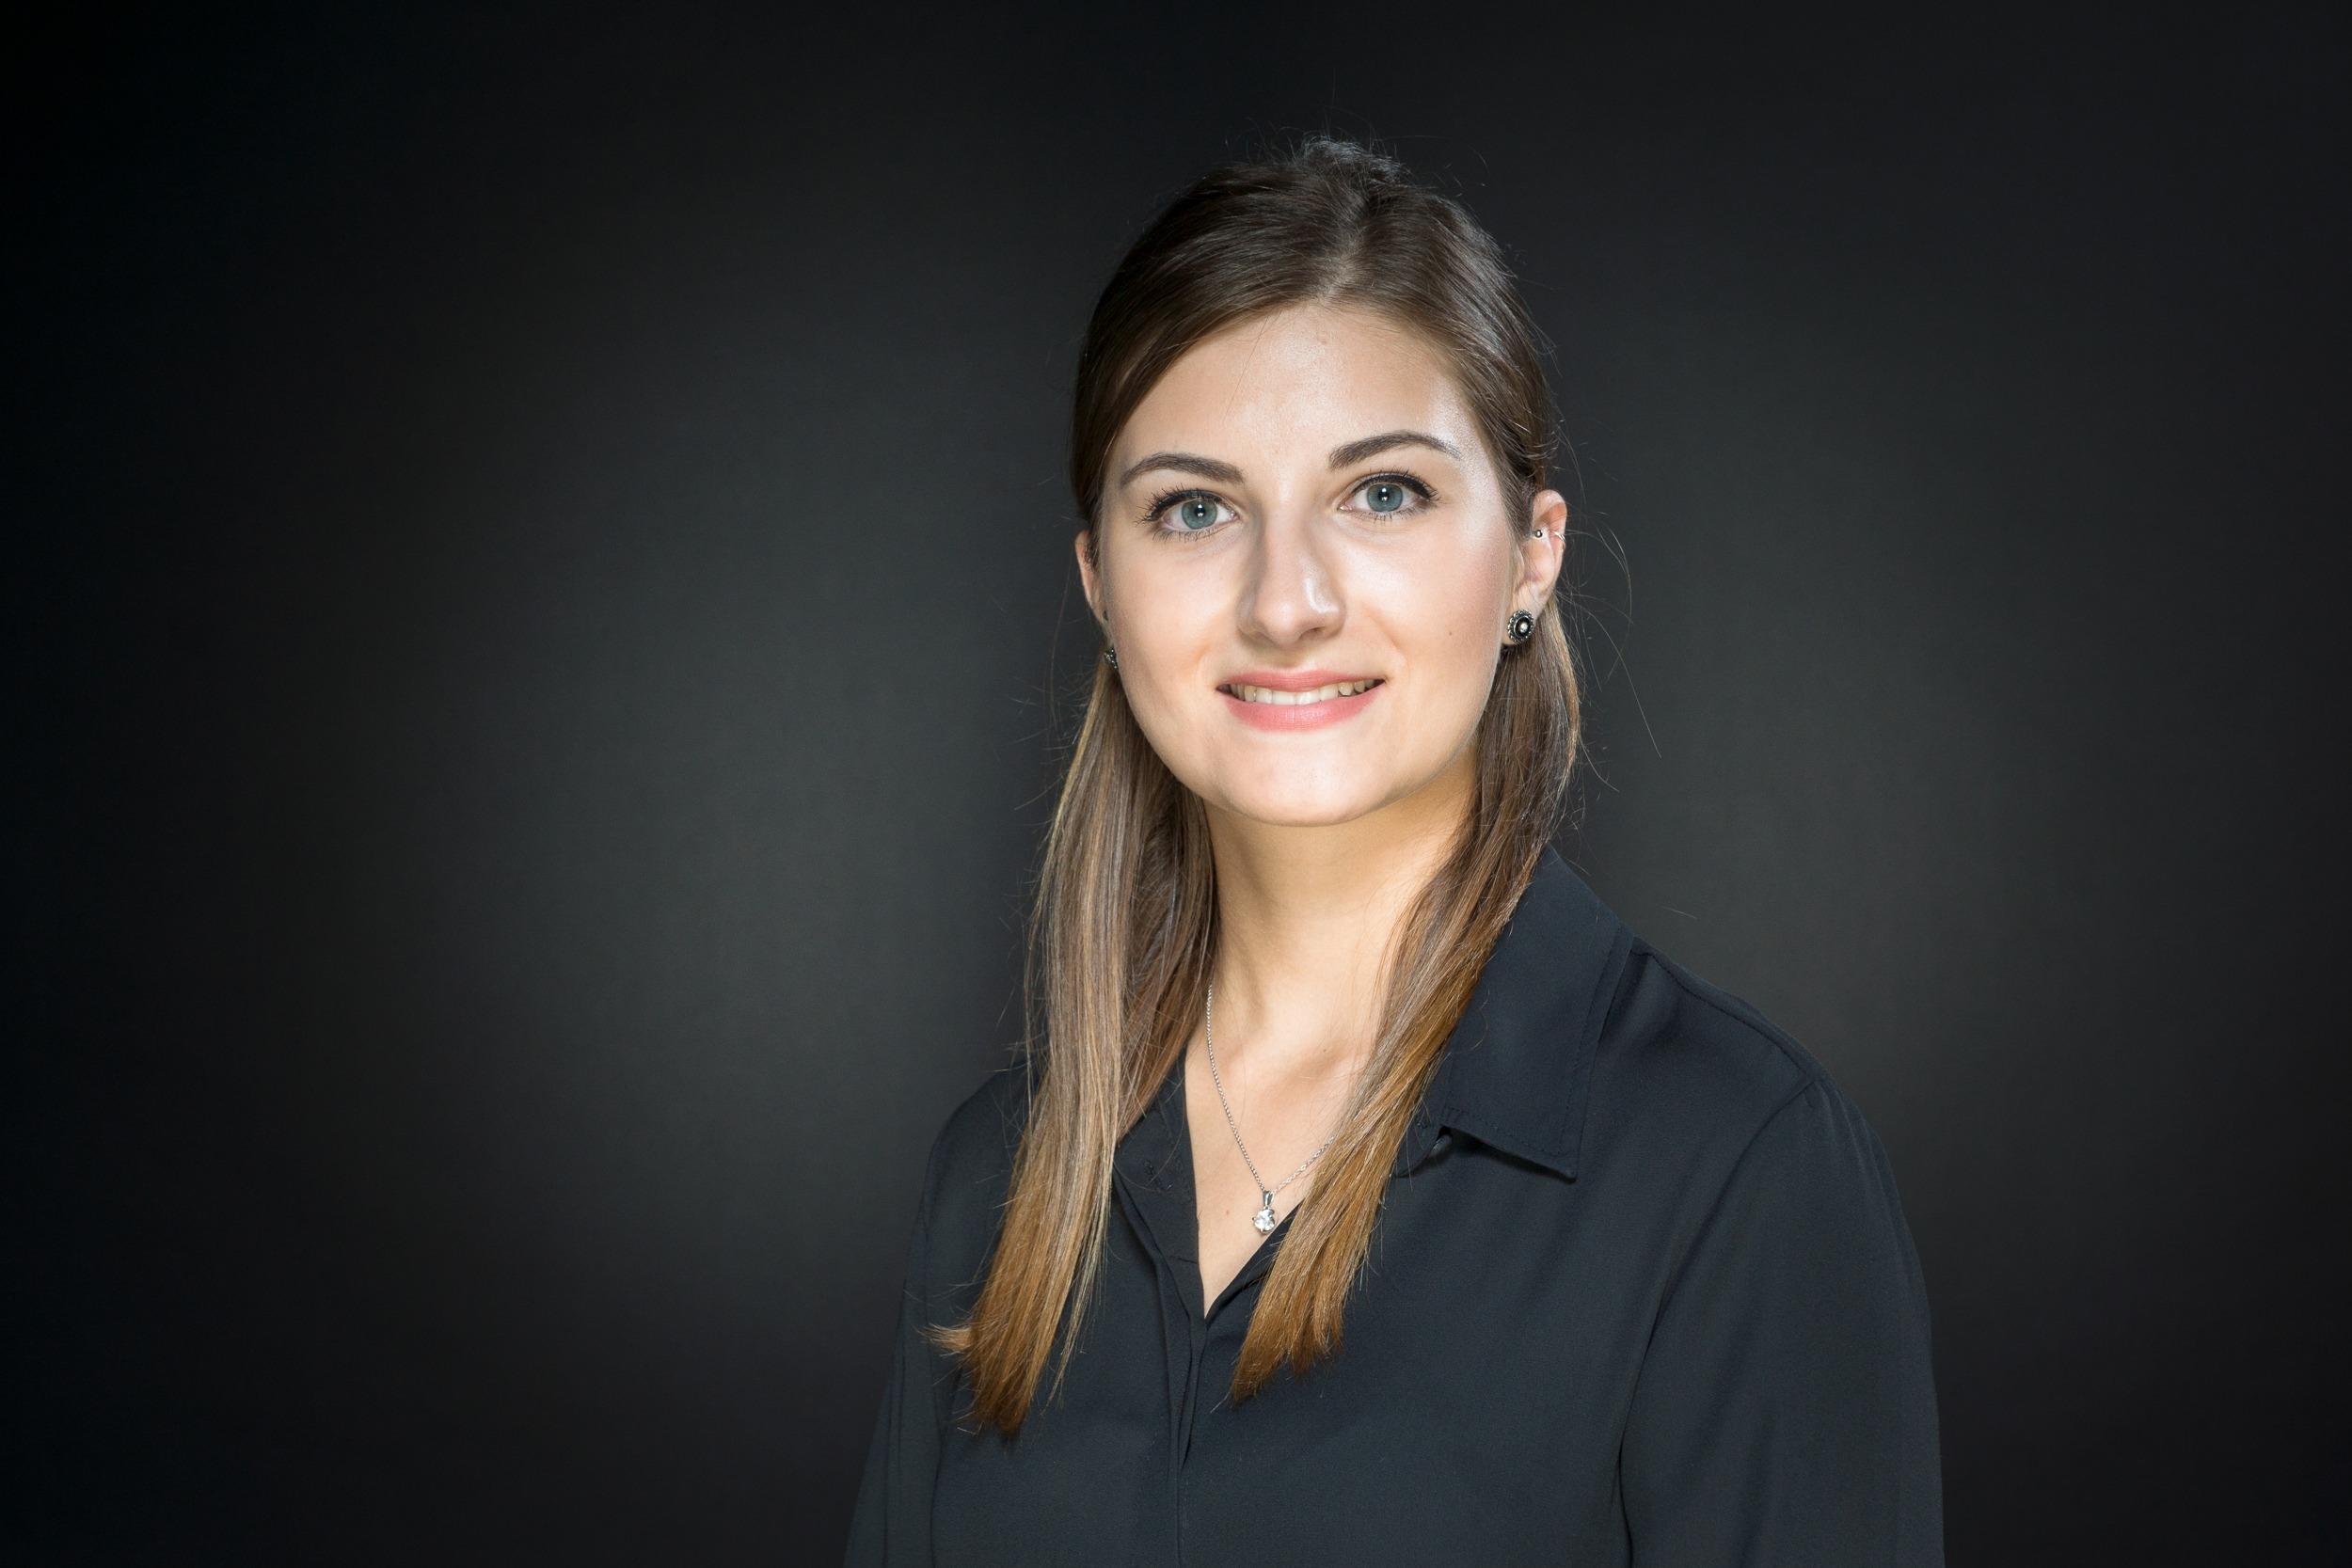 Christina Parhomenko